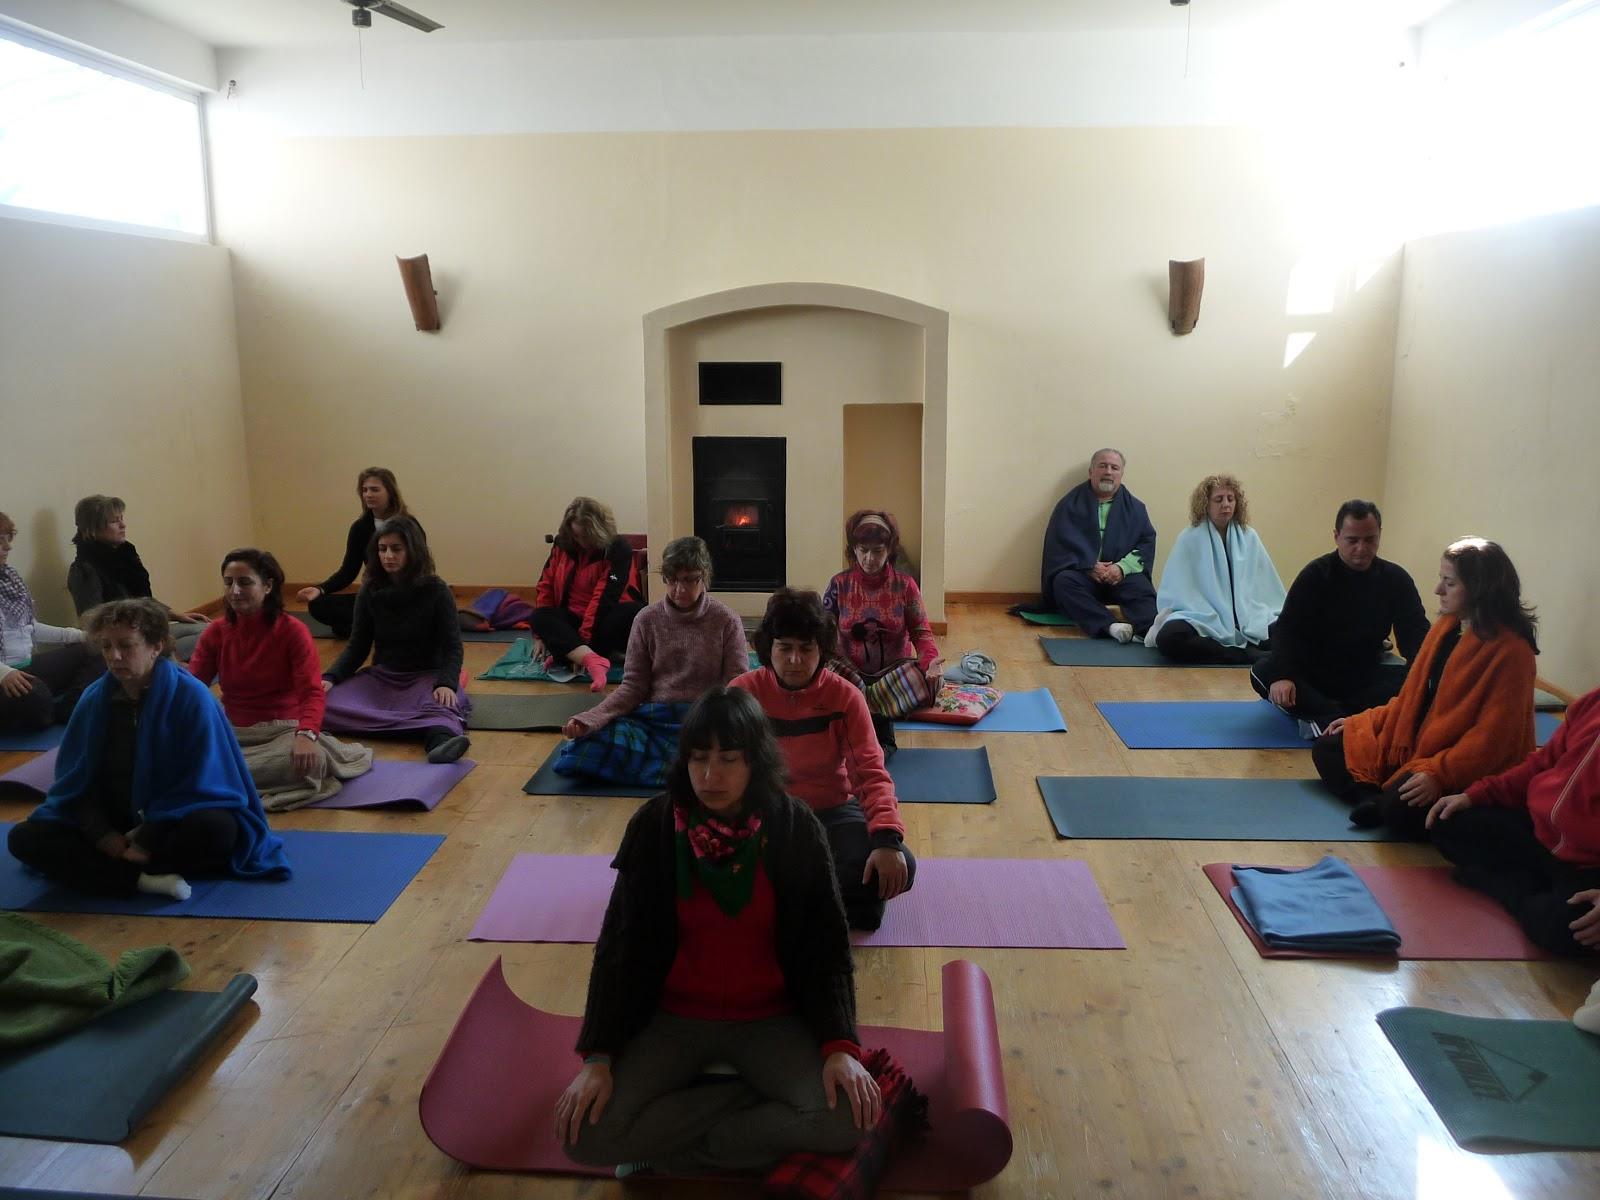 La postura y el espacio para meditar escuela de yoga y - Espacio para el yoga ...